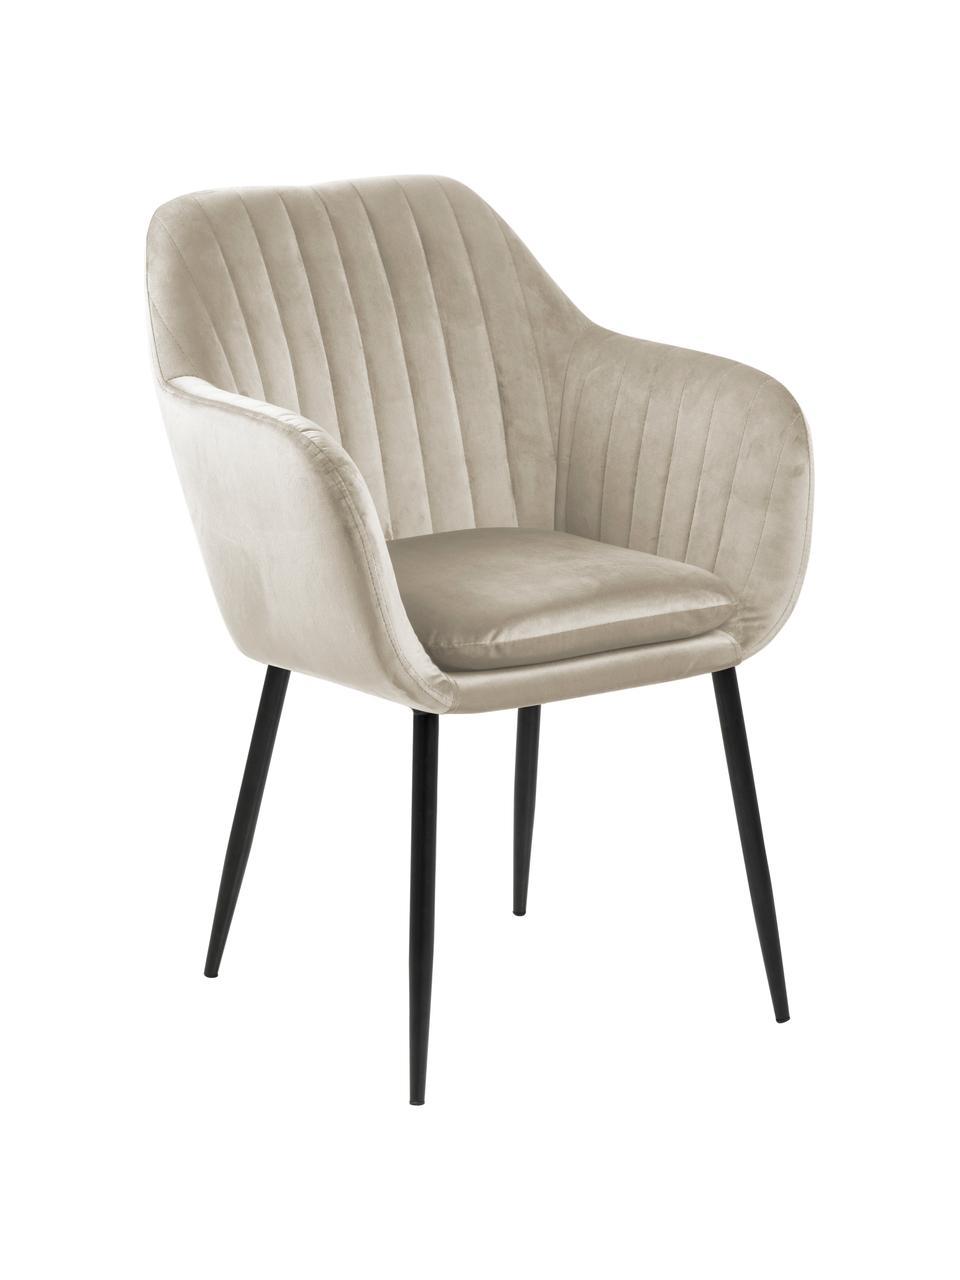 Chaise velours rembourrée pieds en métal Emilia, Velours beige, pieds noir